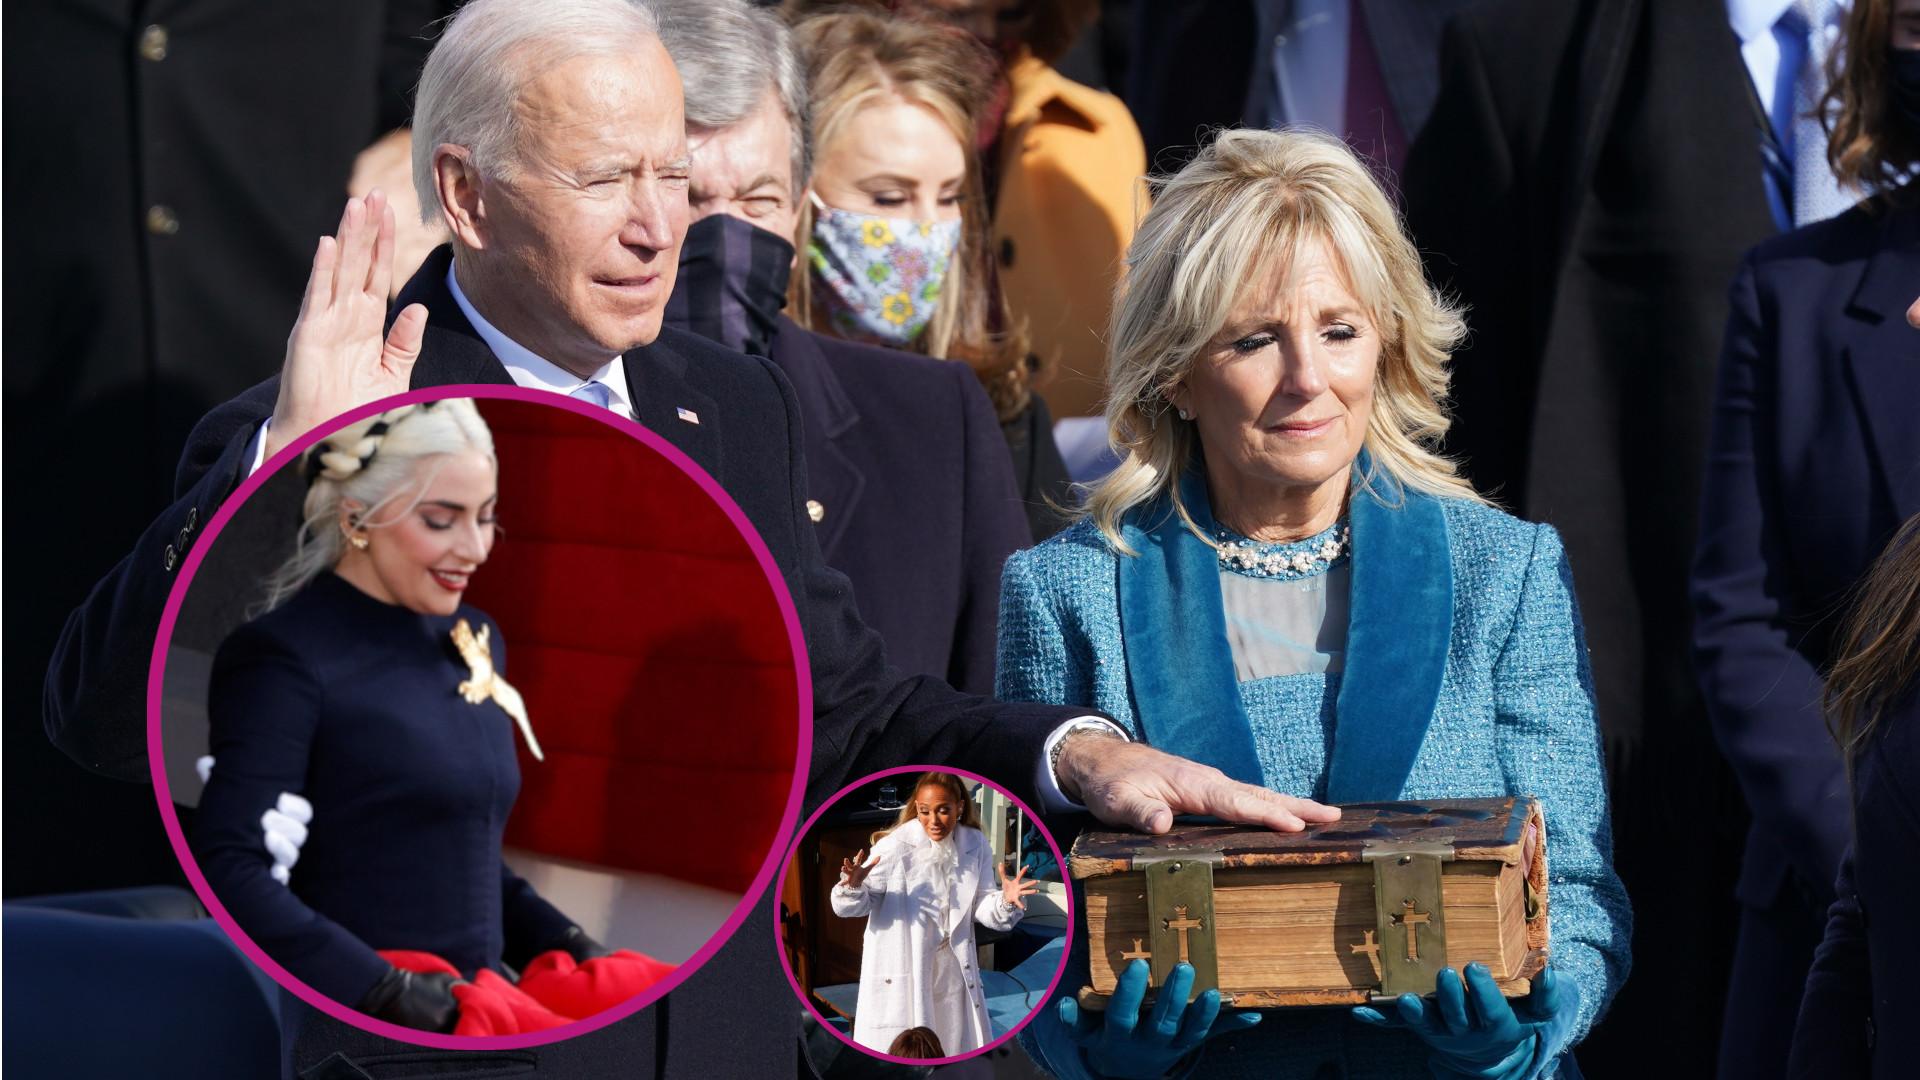 Inauguracja Joe Bidena: Lady Gaga jak księżniczka i zmarszczki J.Lo (ZDJĘCIA)